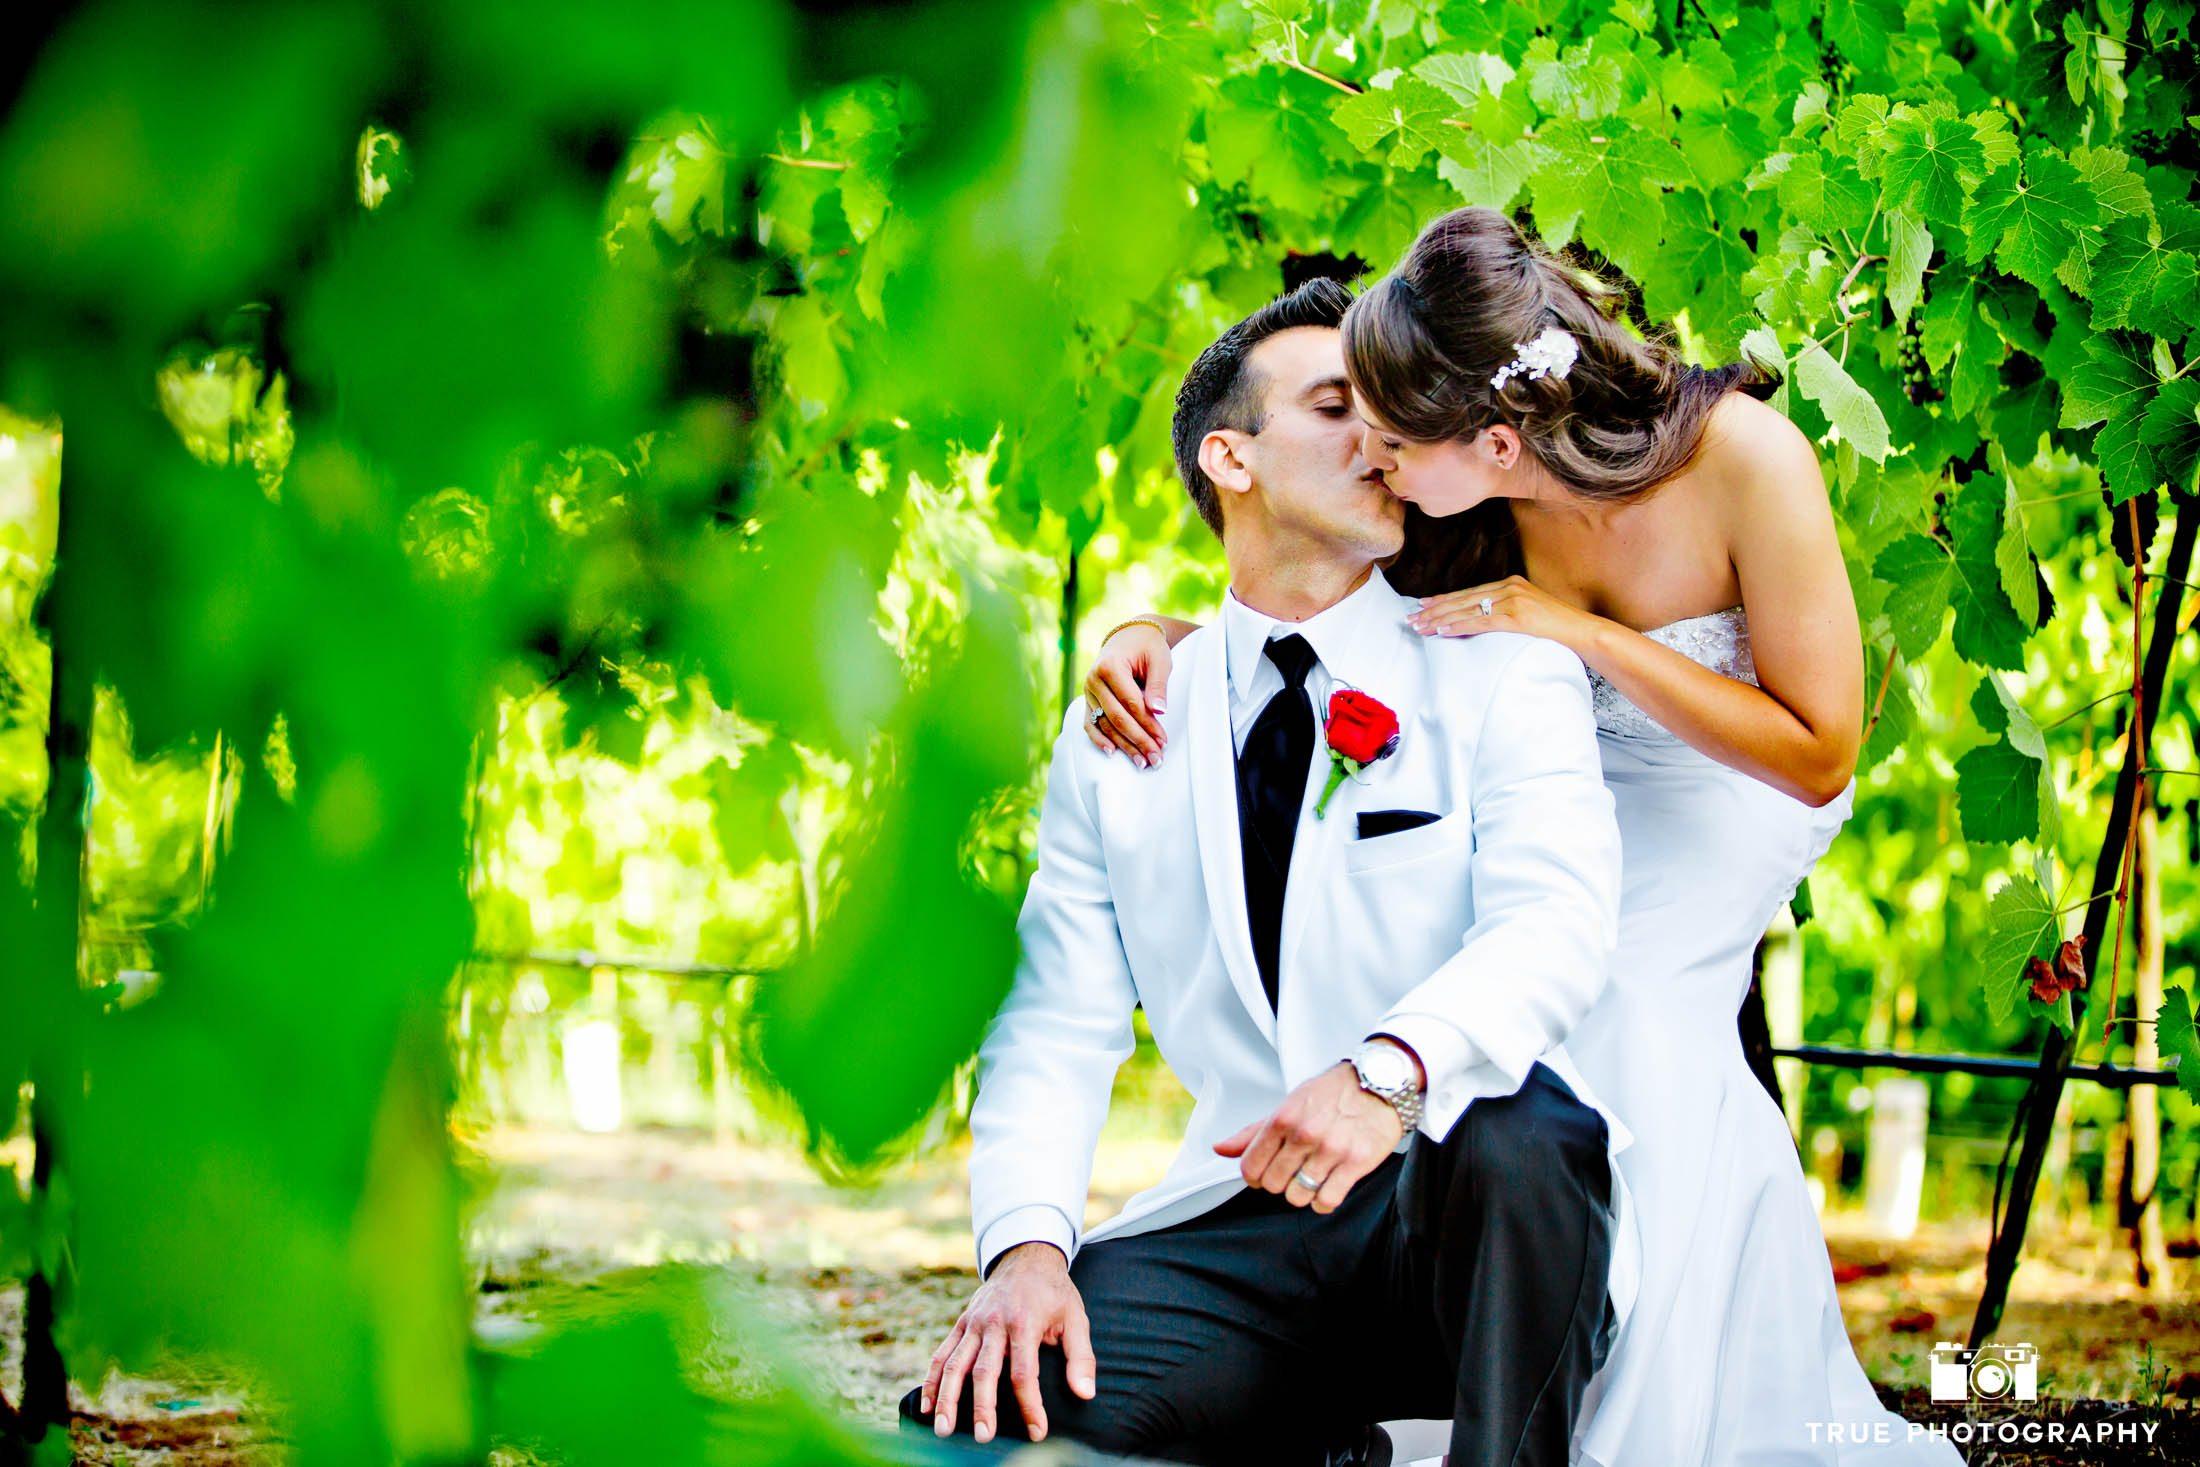 Couple Kissing between leaves in vineyard